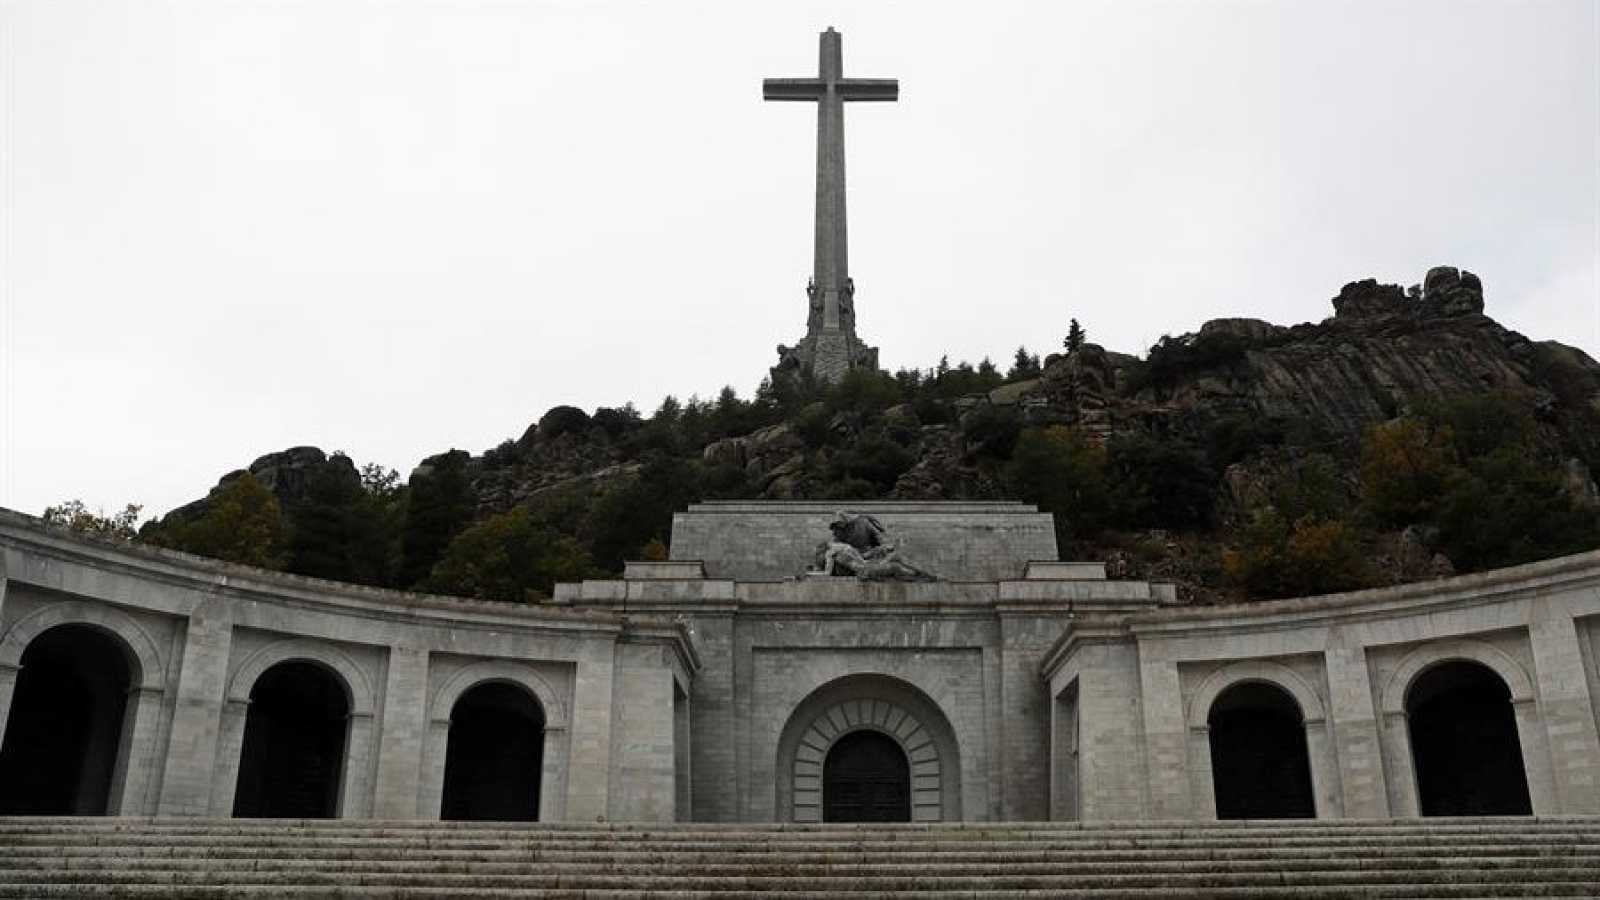 Vista del Valle de los Caídos tras su reapertura en octubre de 2019